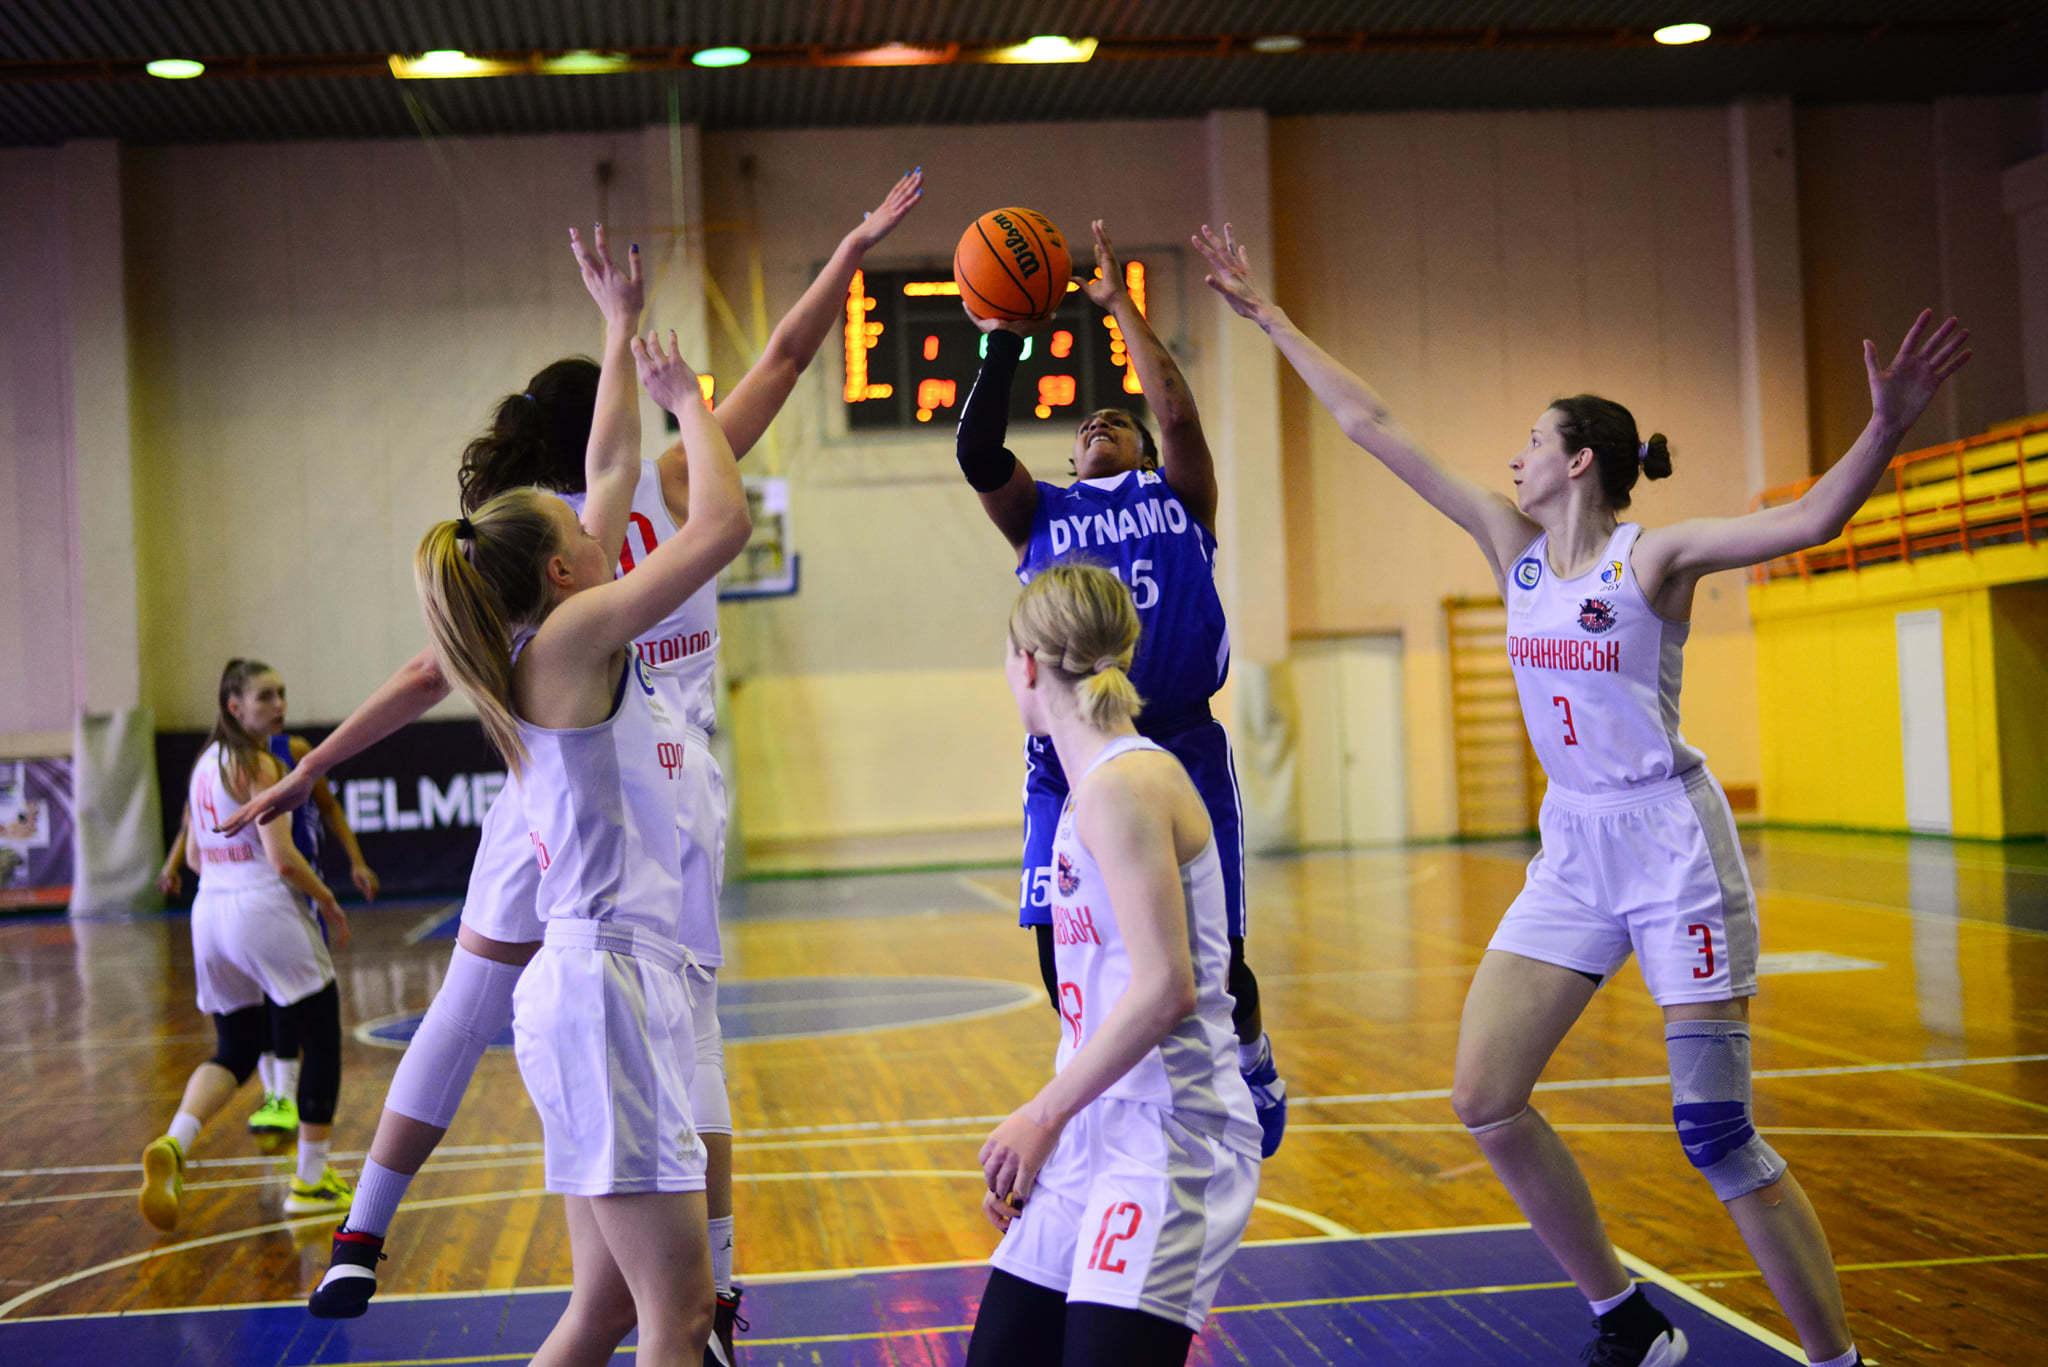 Франківськ – Динамо: анонс третього поєдинку бронзової серії жіночої Суперліги